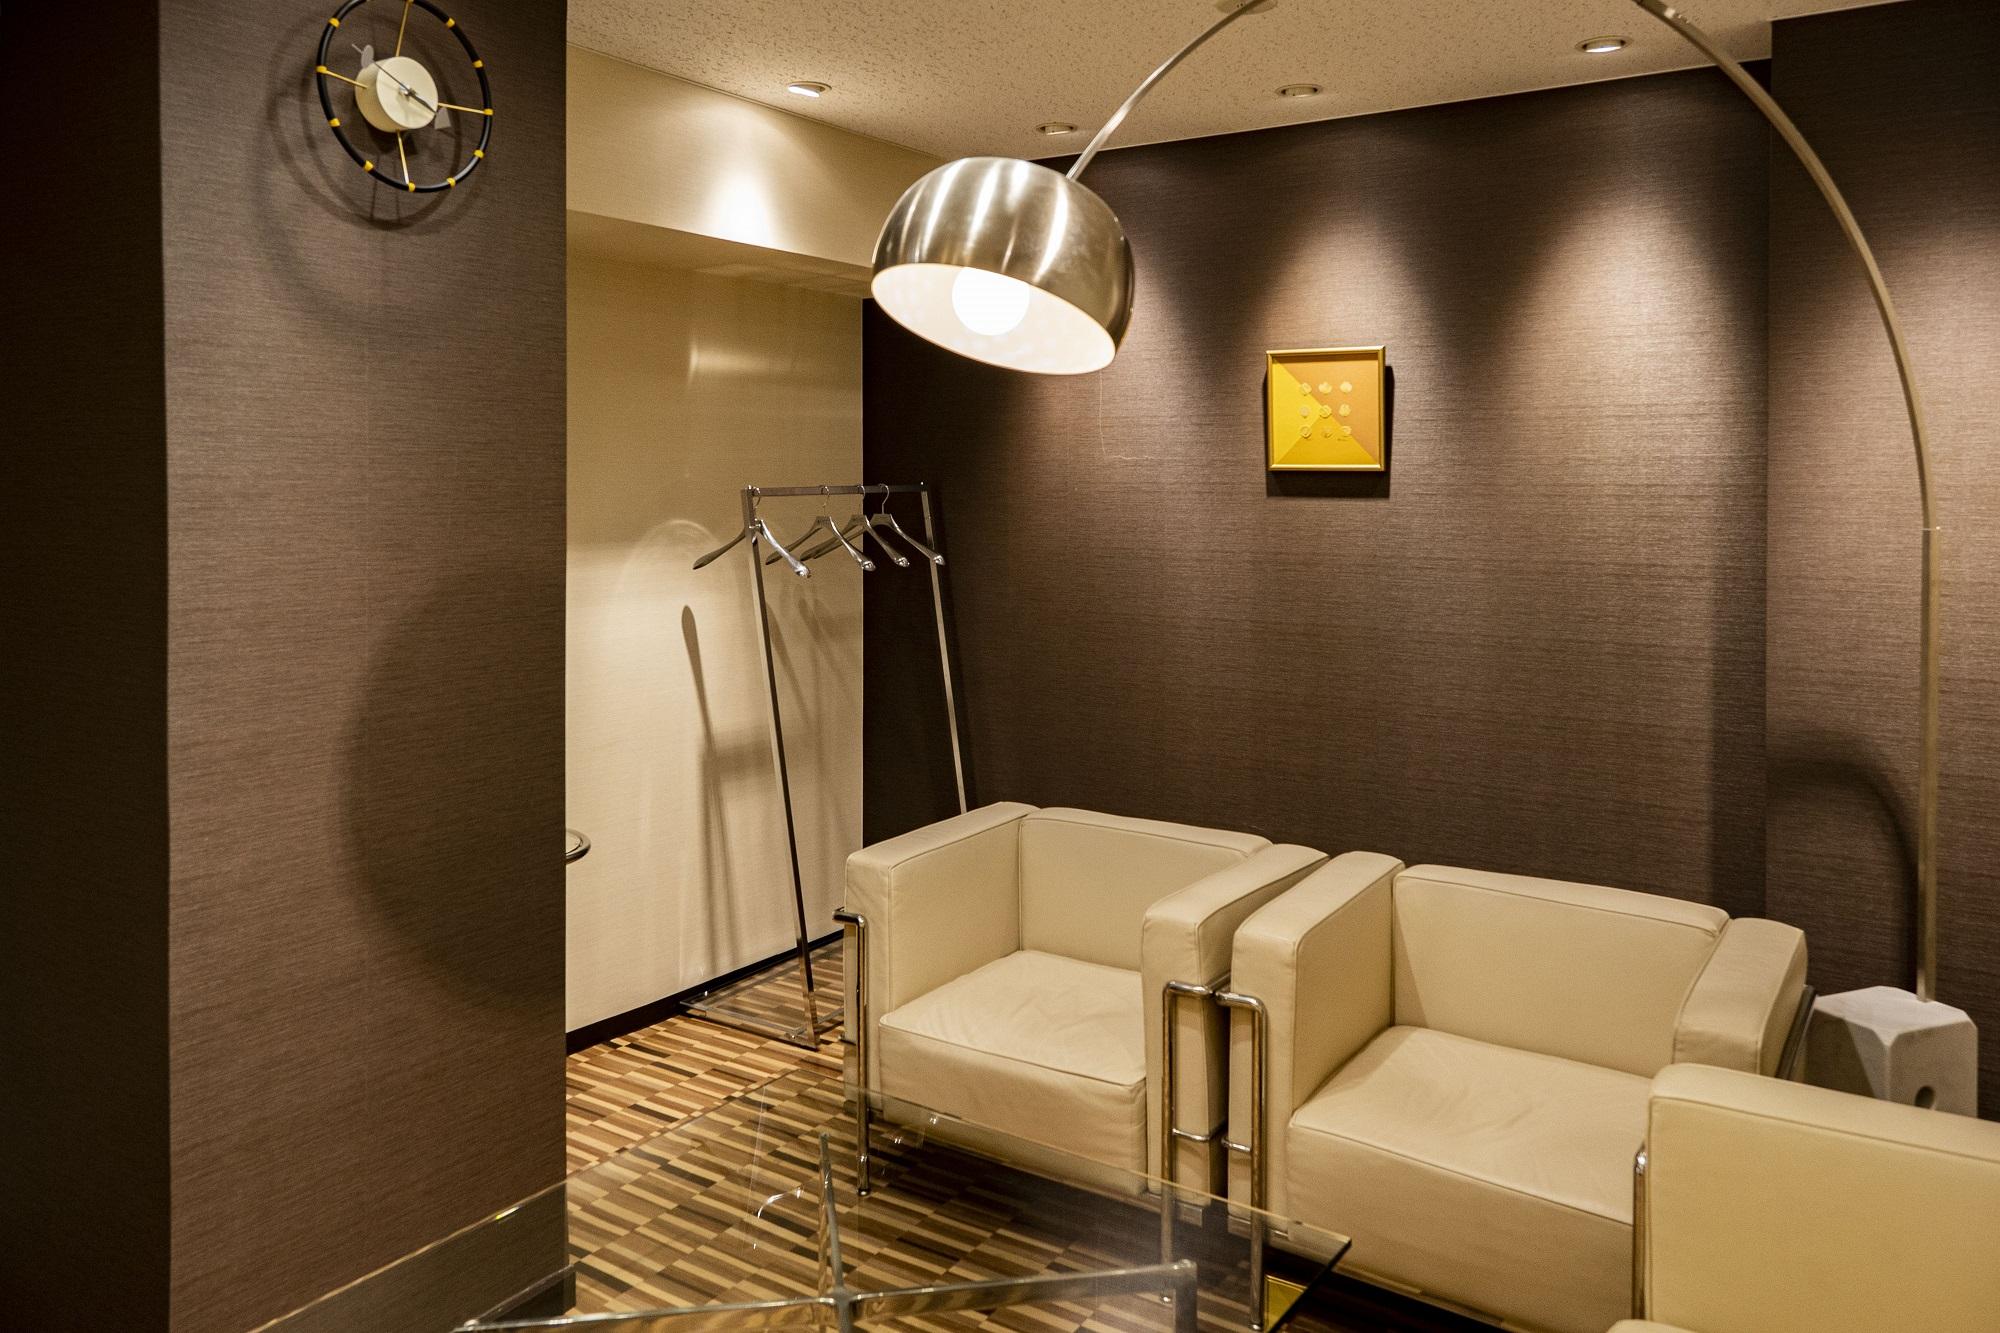 多目的ルームを中心に伝統と革新を表現したオフィスデザイン事例